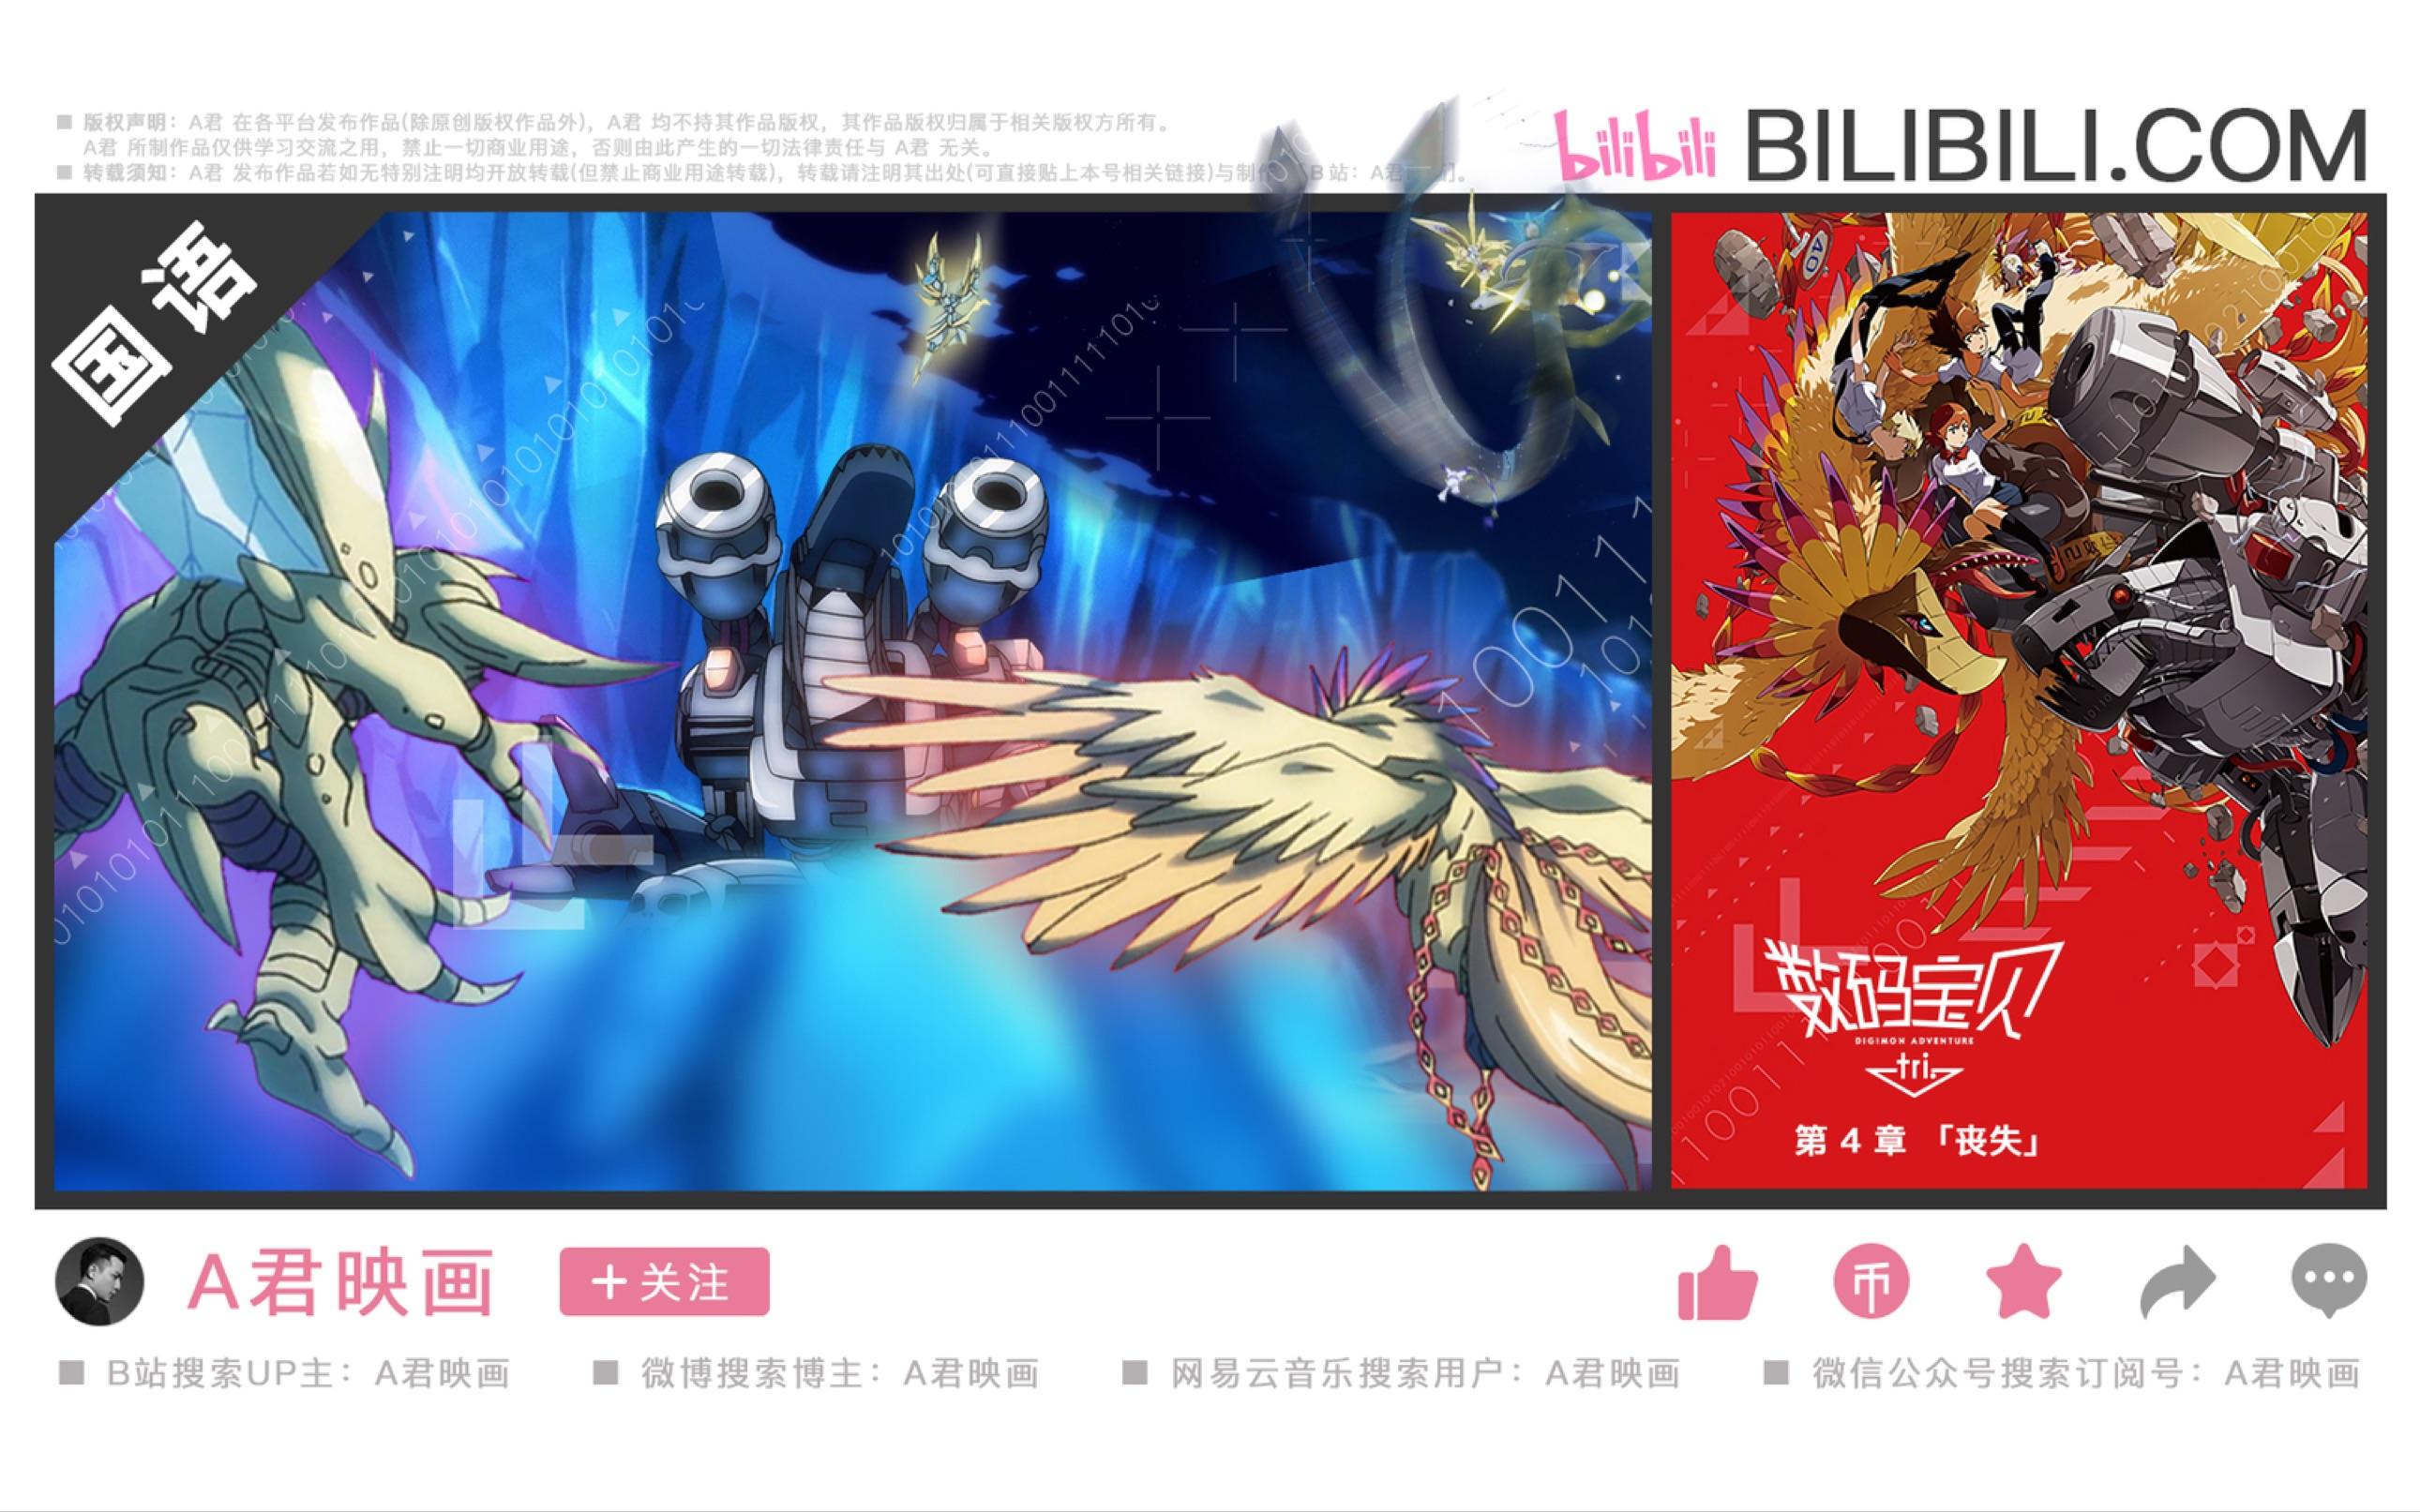 数码宝贝1-4主题曲_数码暴龙的全部相关视频_bilibili_哔哩哔哩幕视频网